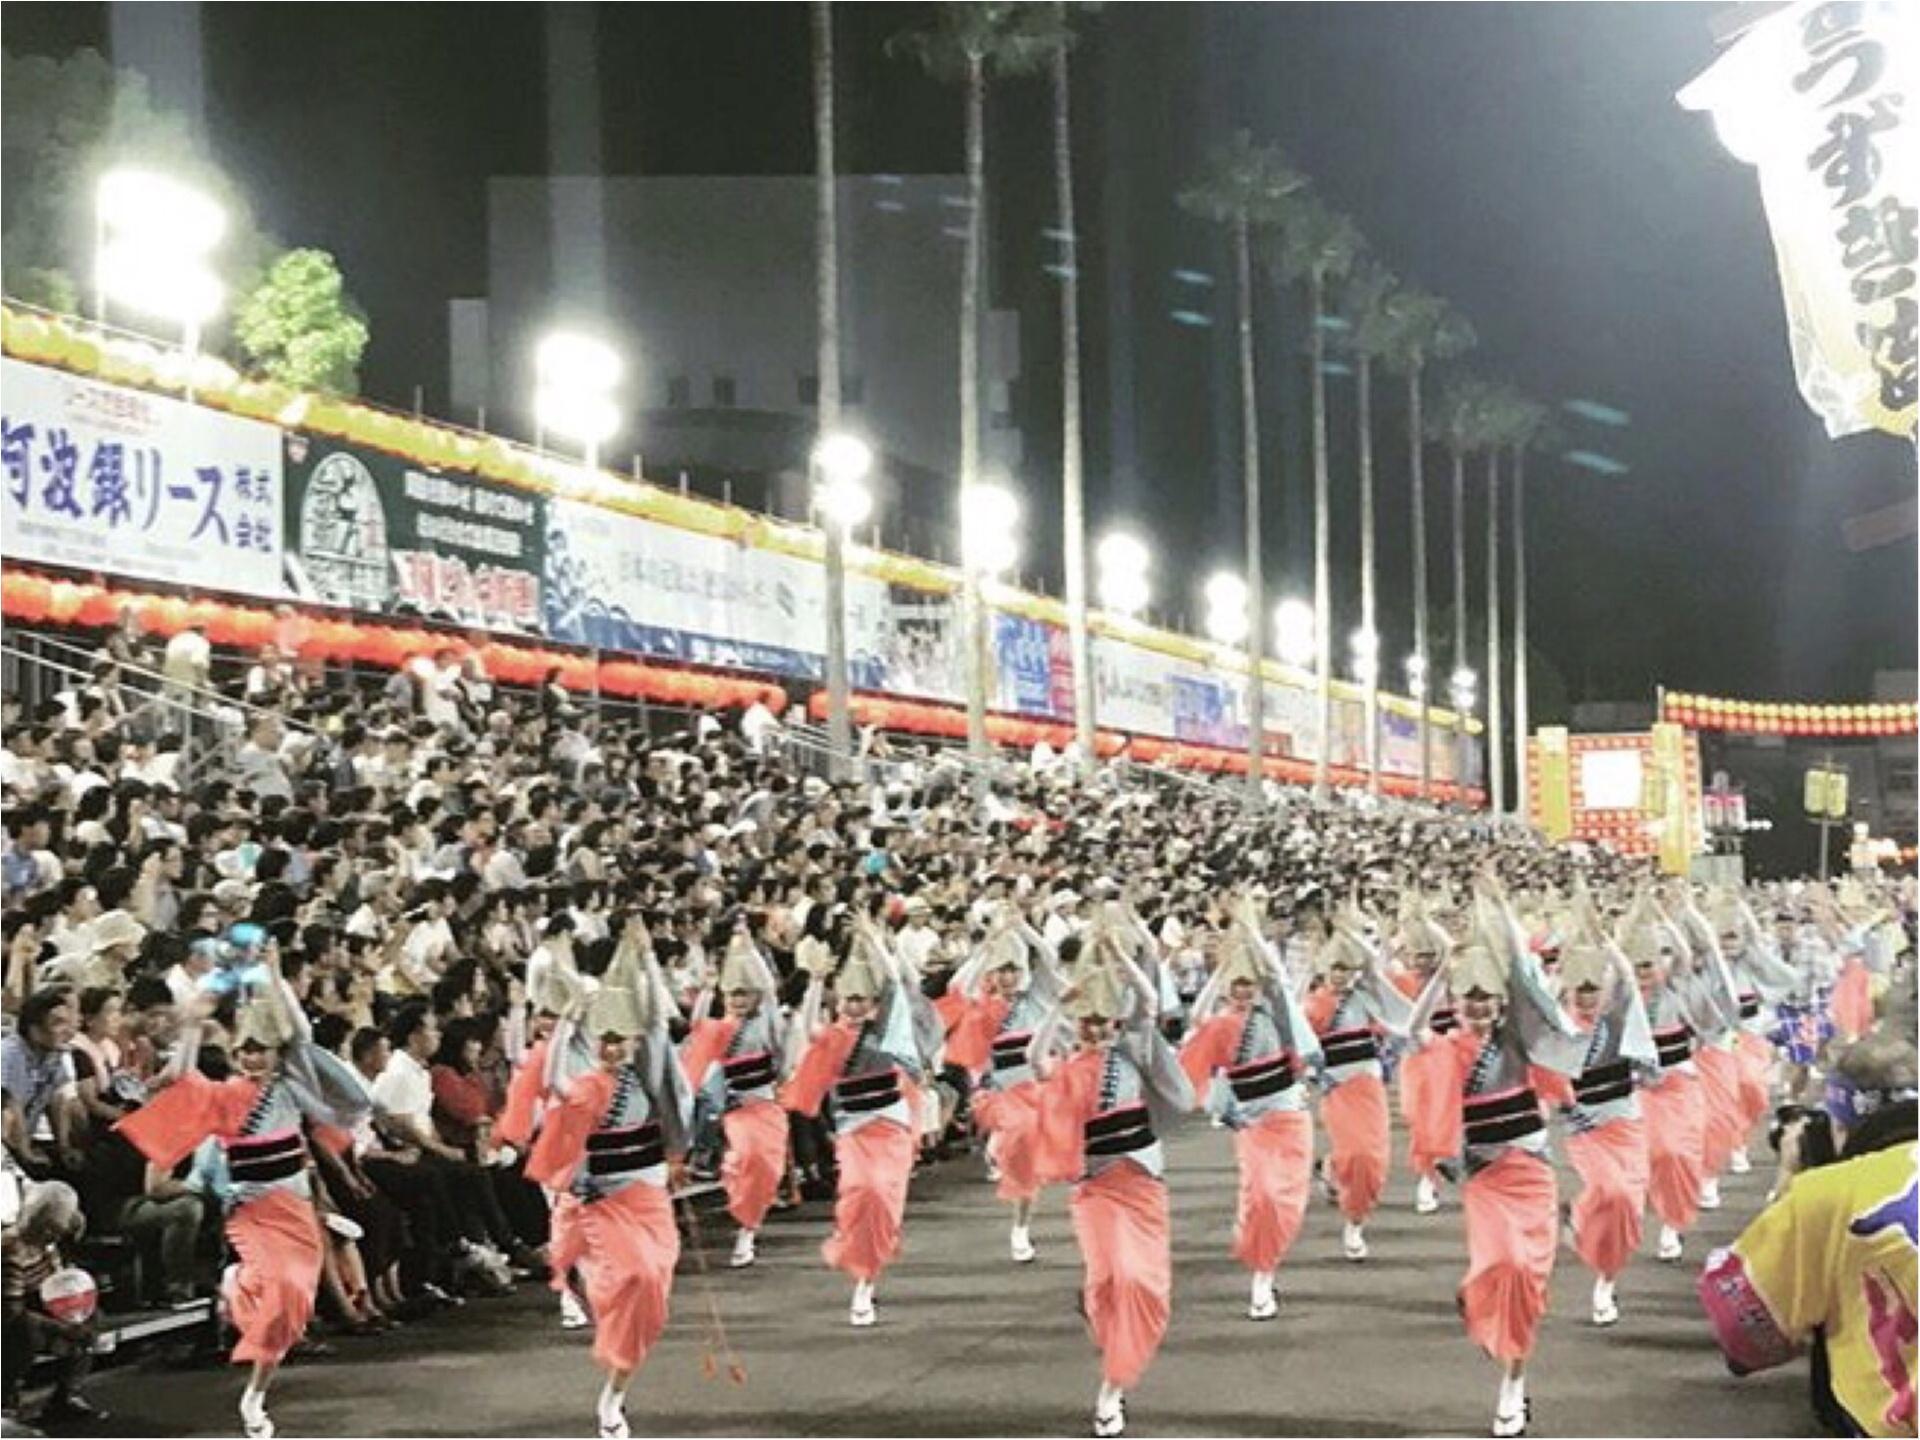 徳島の夏の風物詩!【阿波おどり】に行ってきました♡今年は総踊り復活!_3